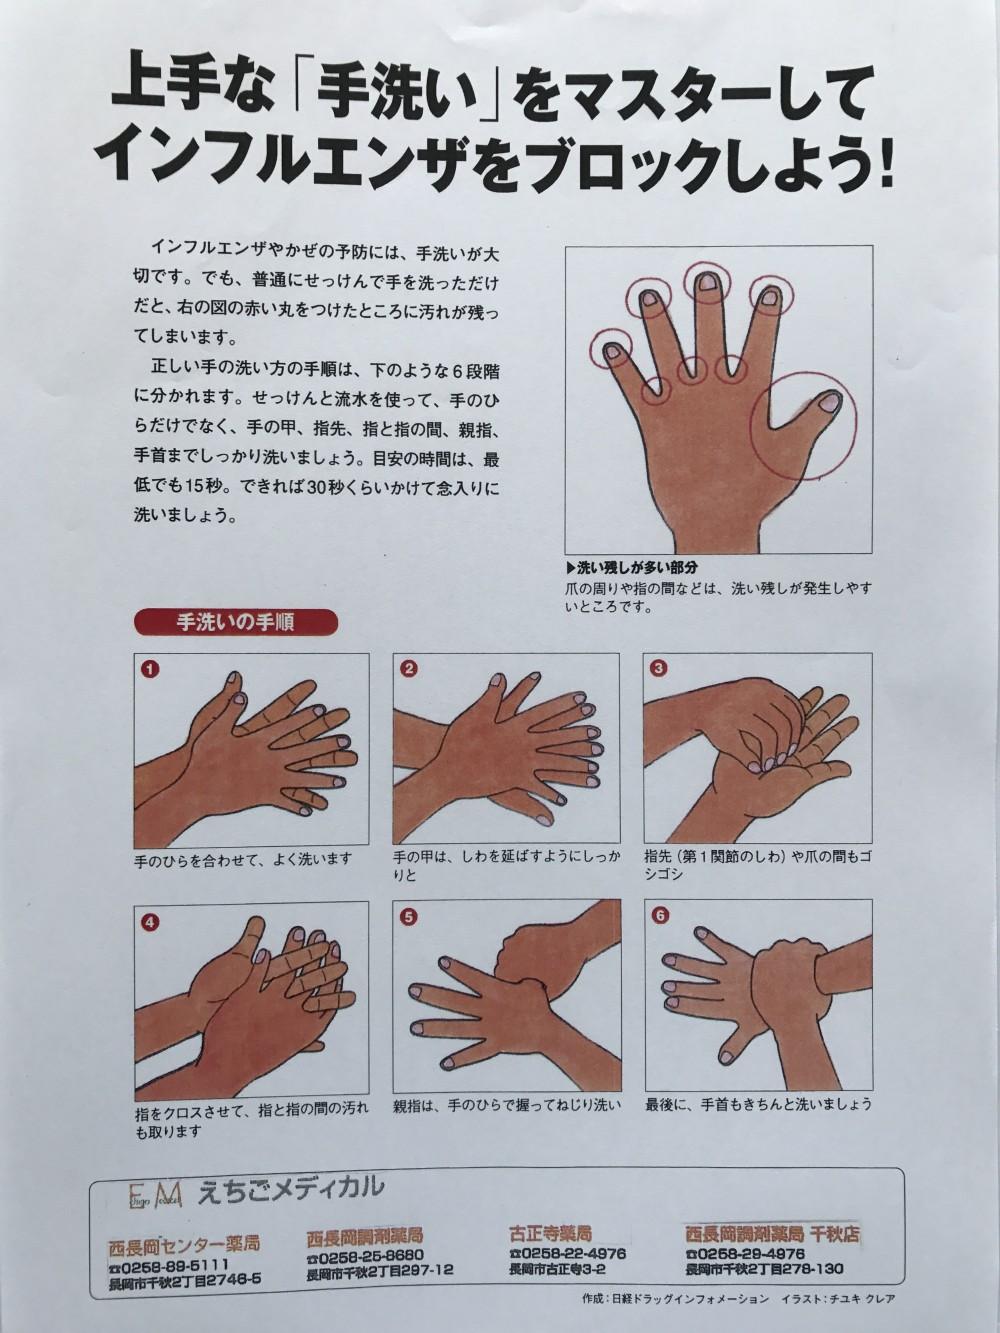 じょうずな手洗い